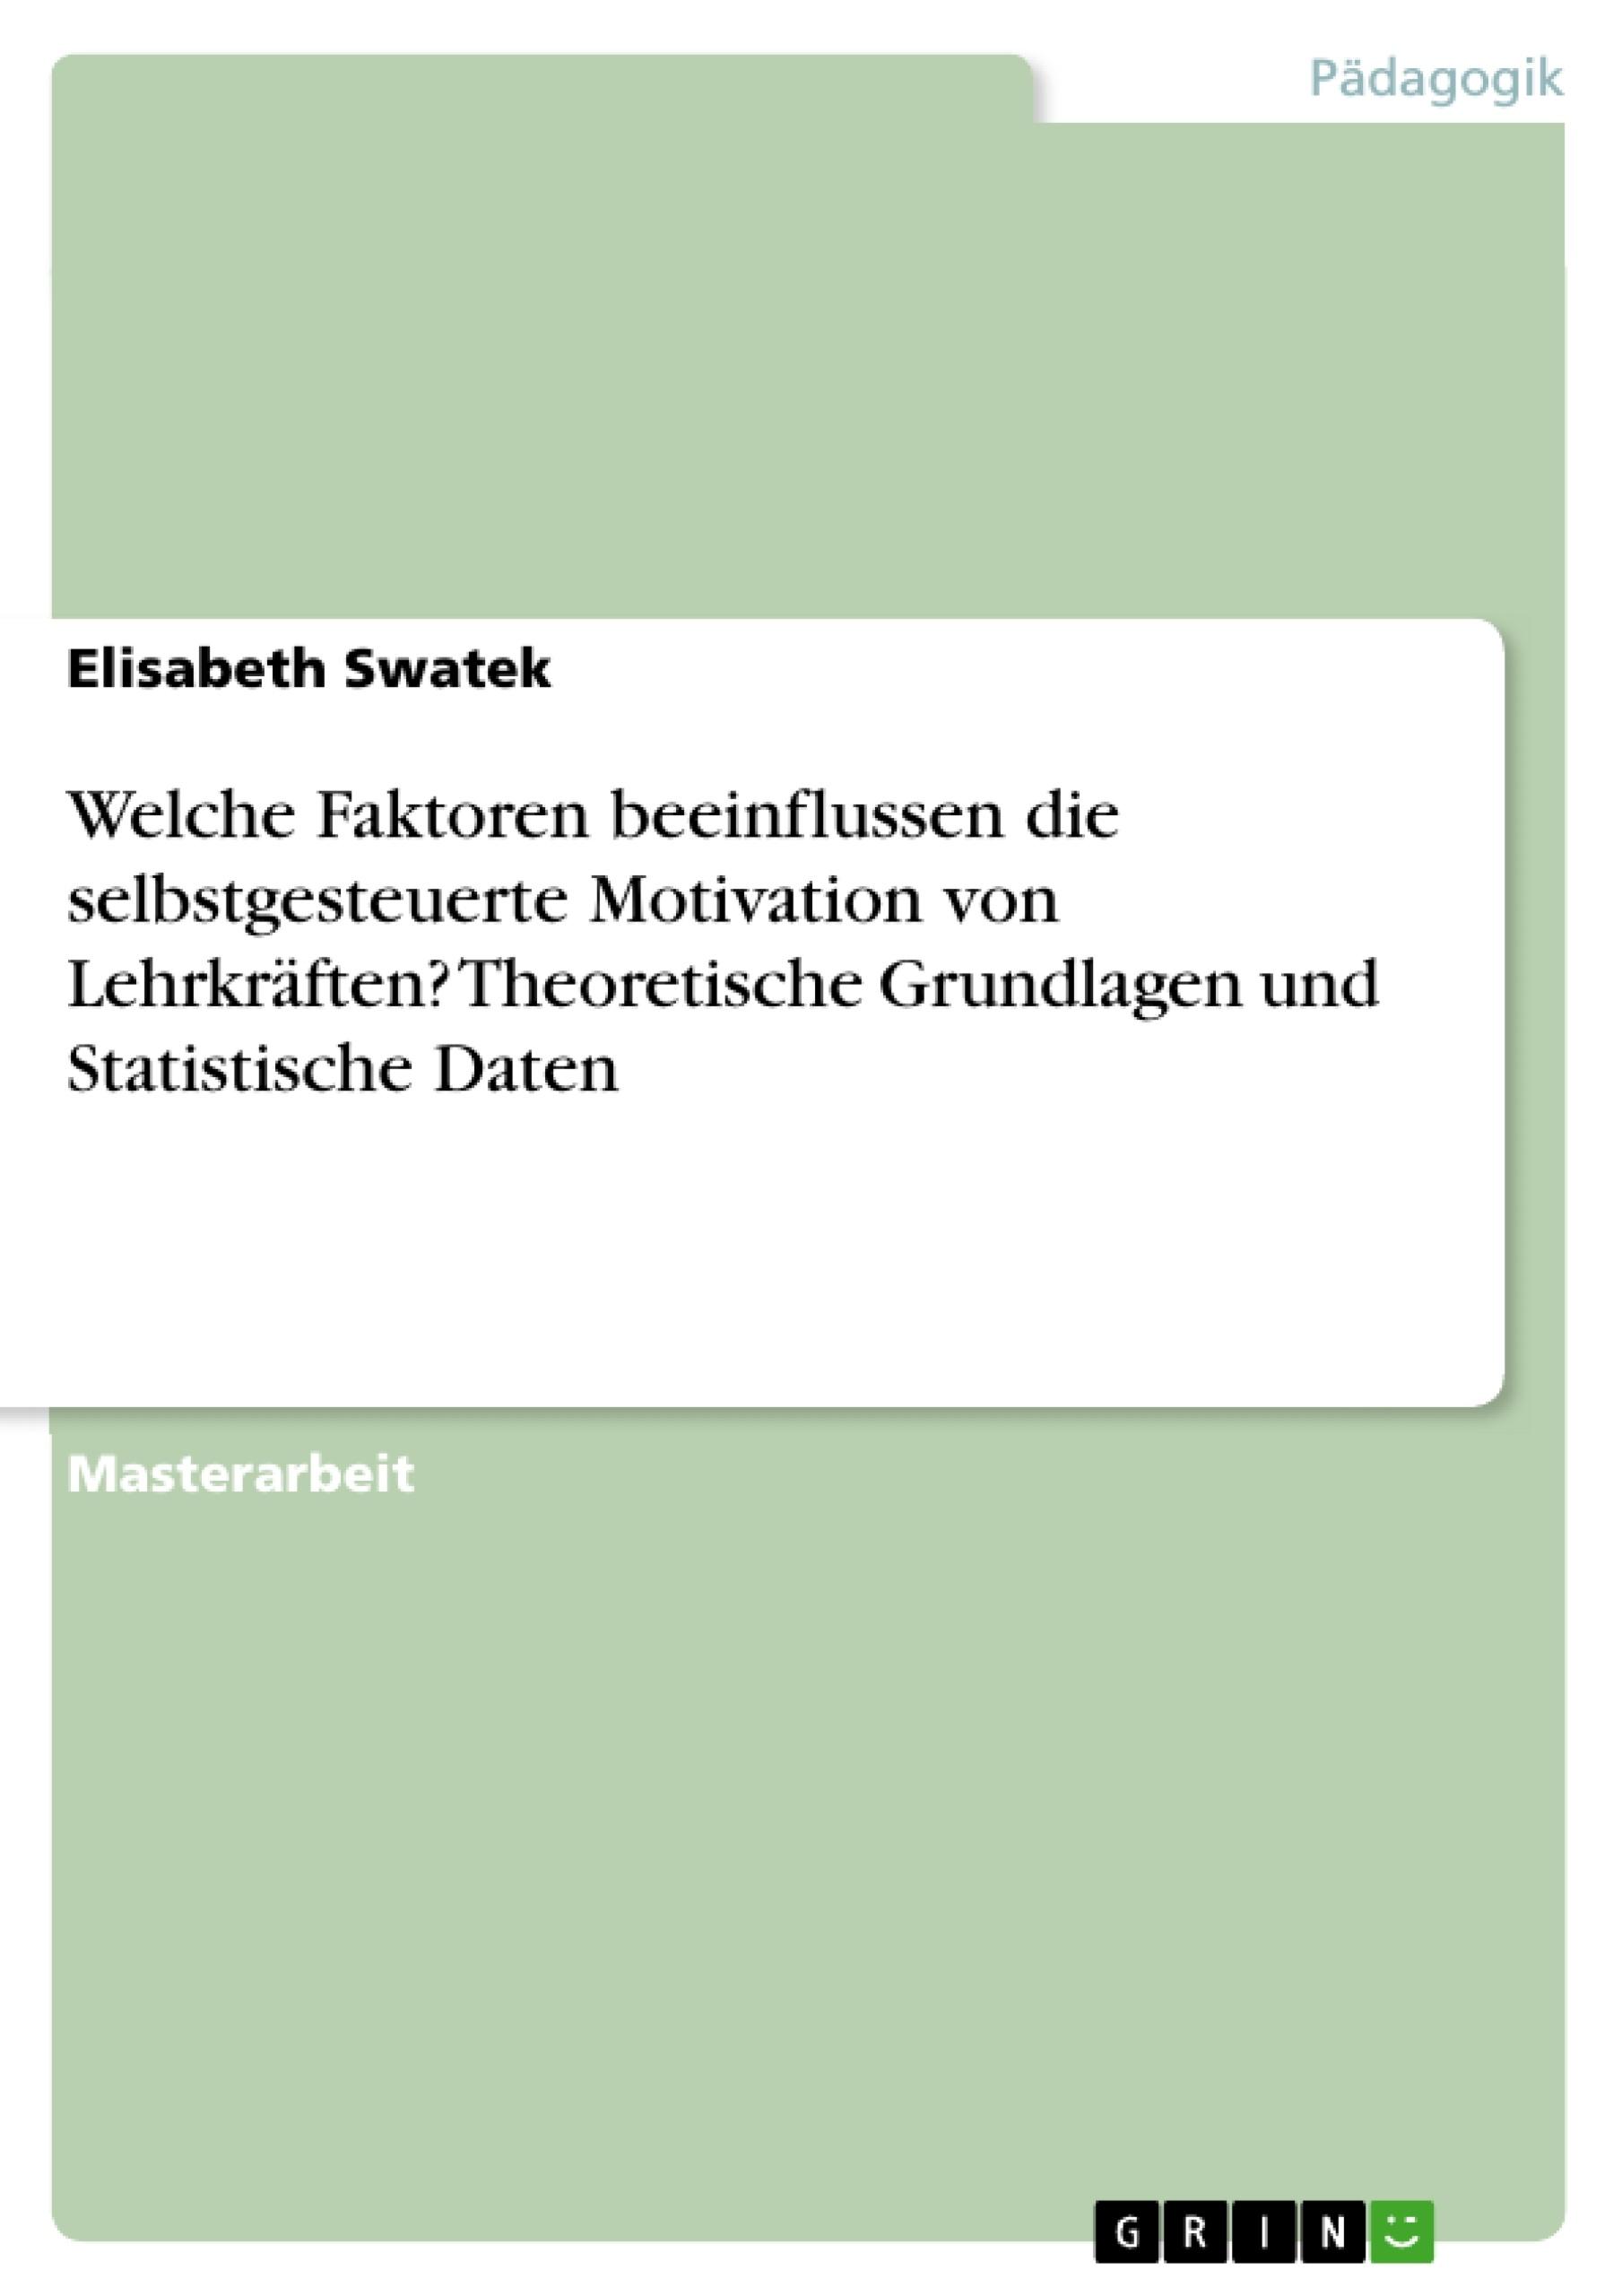 Titel: Welche Faktoren beeinflussen die selbstgesteuerte Motivation von Lehrkräften? Theoretische Grundlagen und Statistische Daten